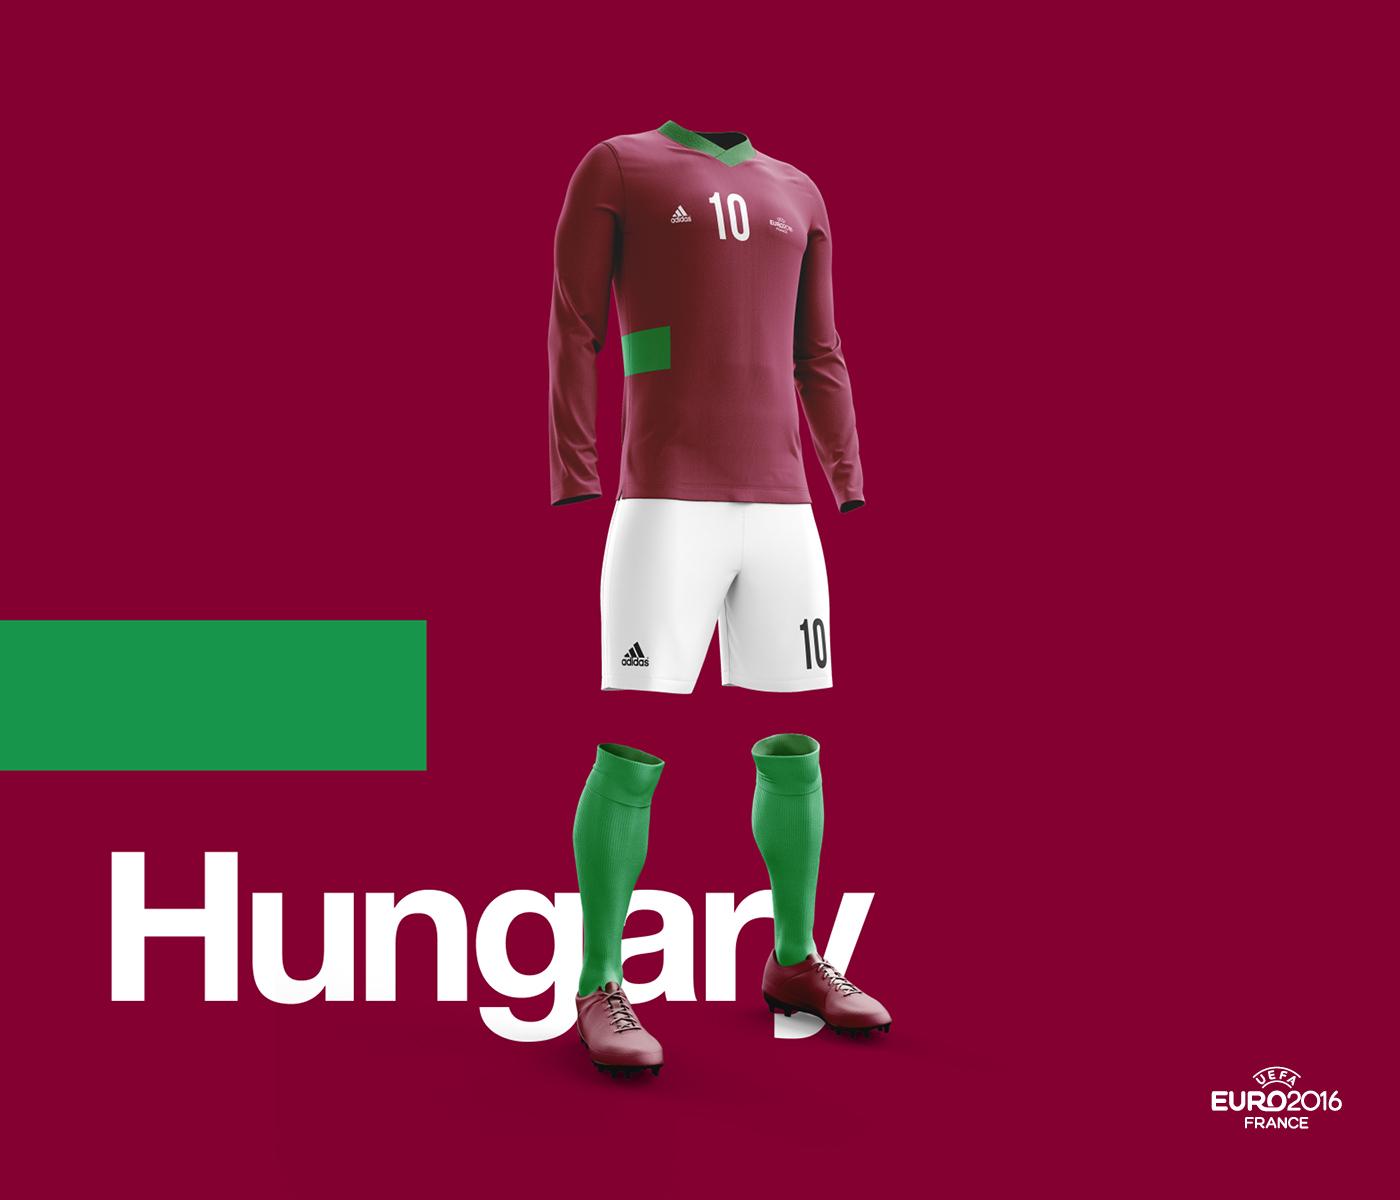 Camisas retrô da UEFA Euro 2016 - Grupo F - Show de Camisas a303ff33fc242